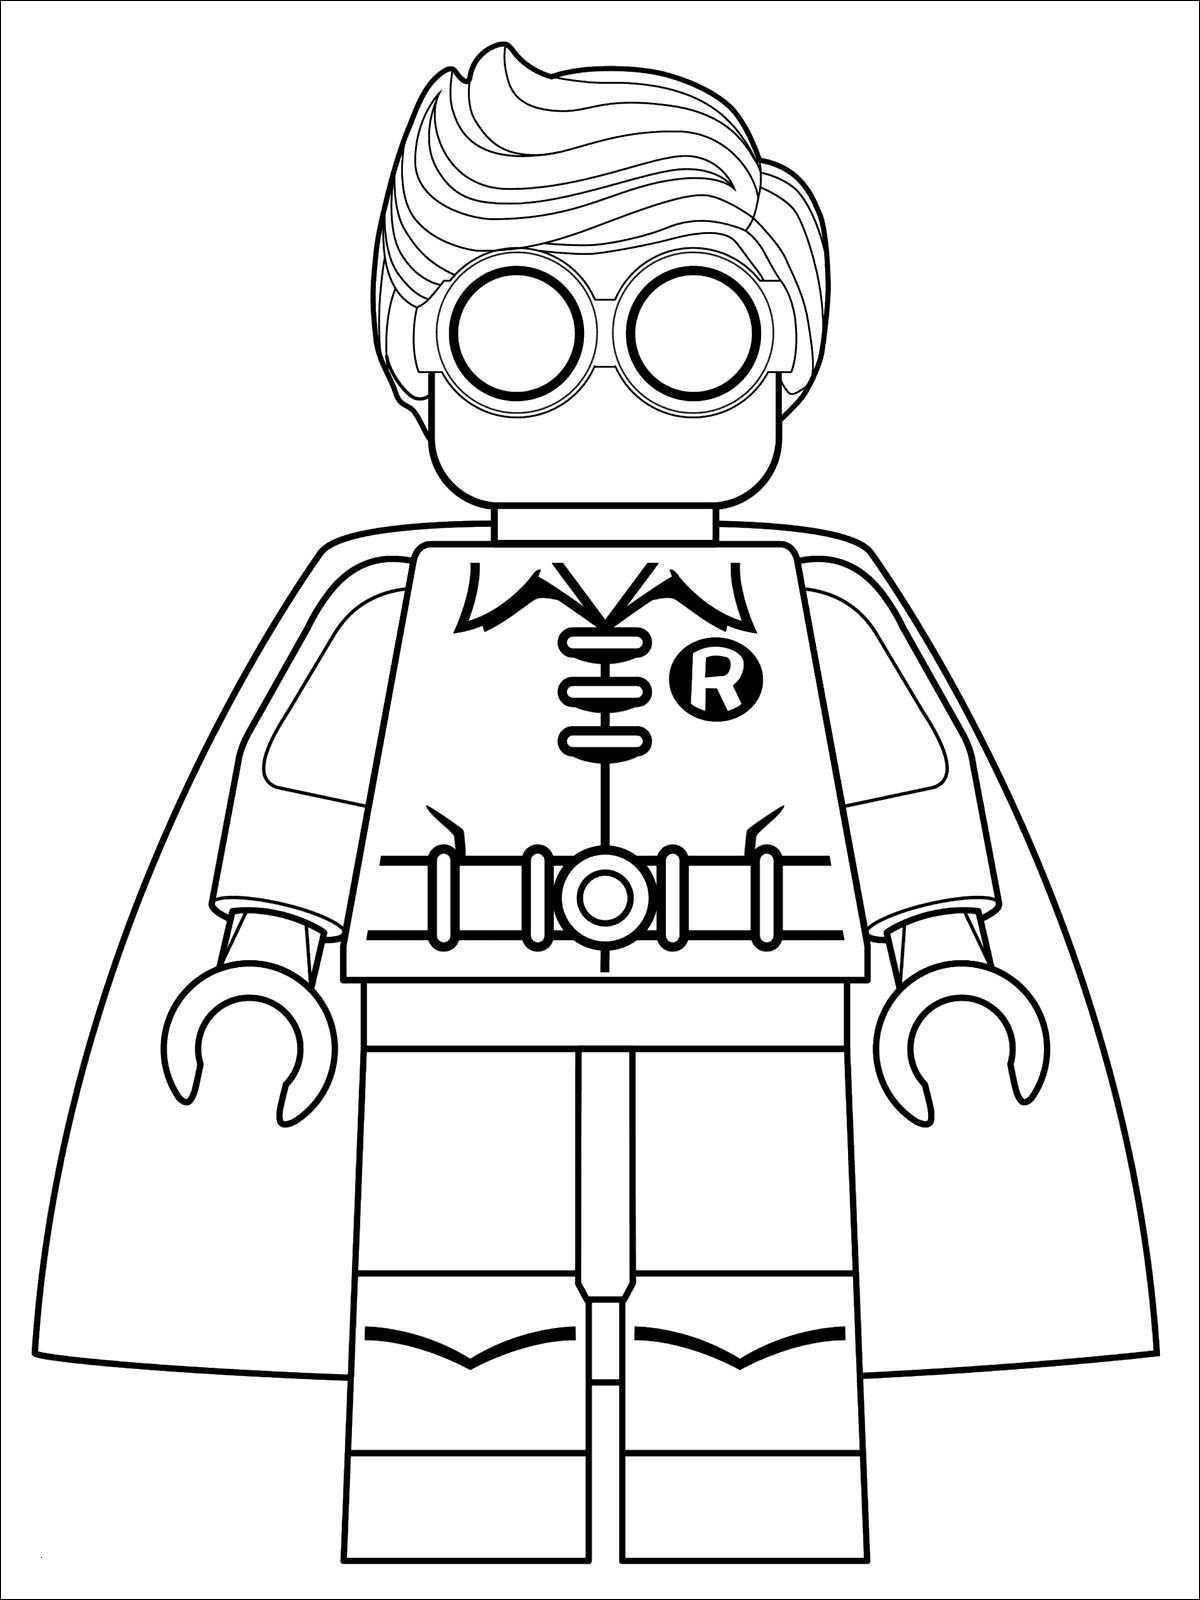 Lego Ausmalbilder Zum Ausdrucken Das Beste Von Lego Ausmalbilder Zum Ausdrucken Foto Malvorlagen Igel Elegant Igel Fotos